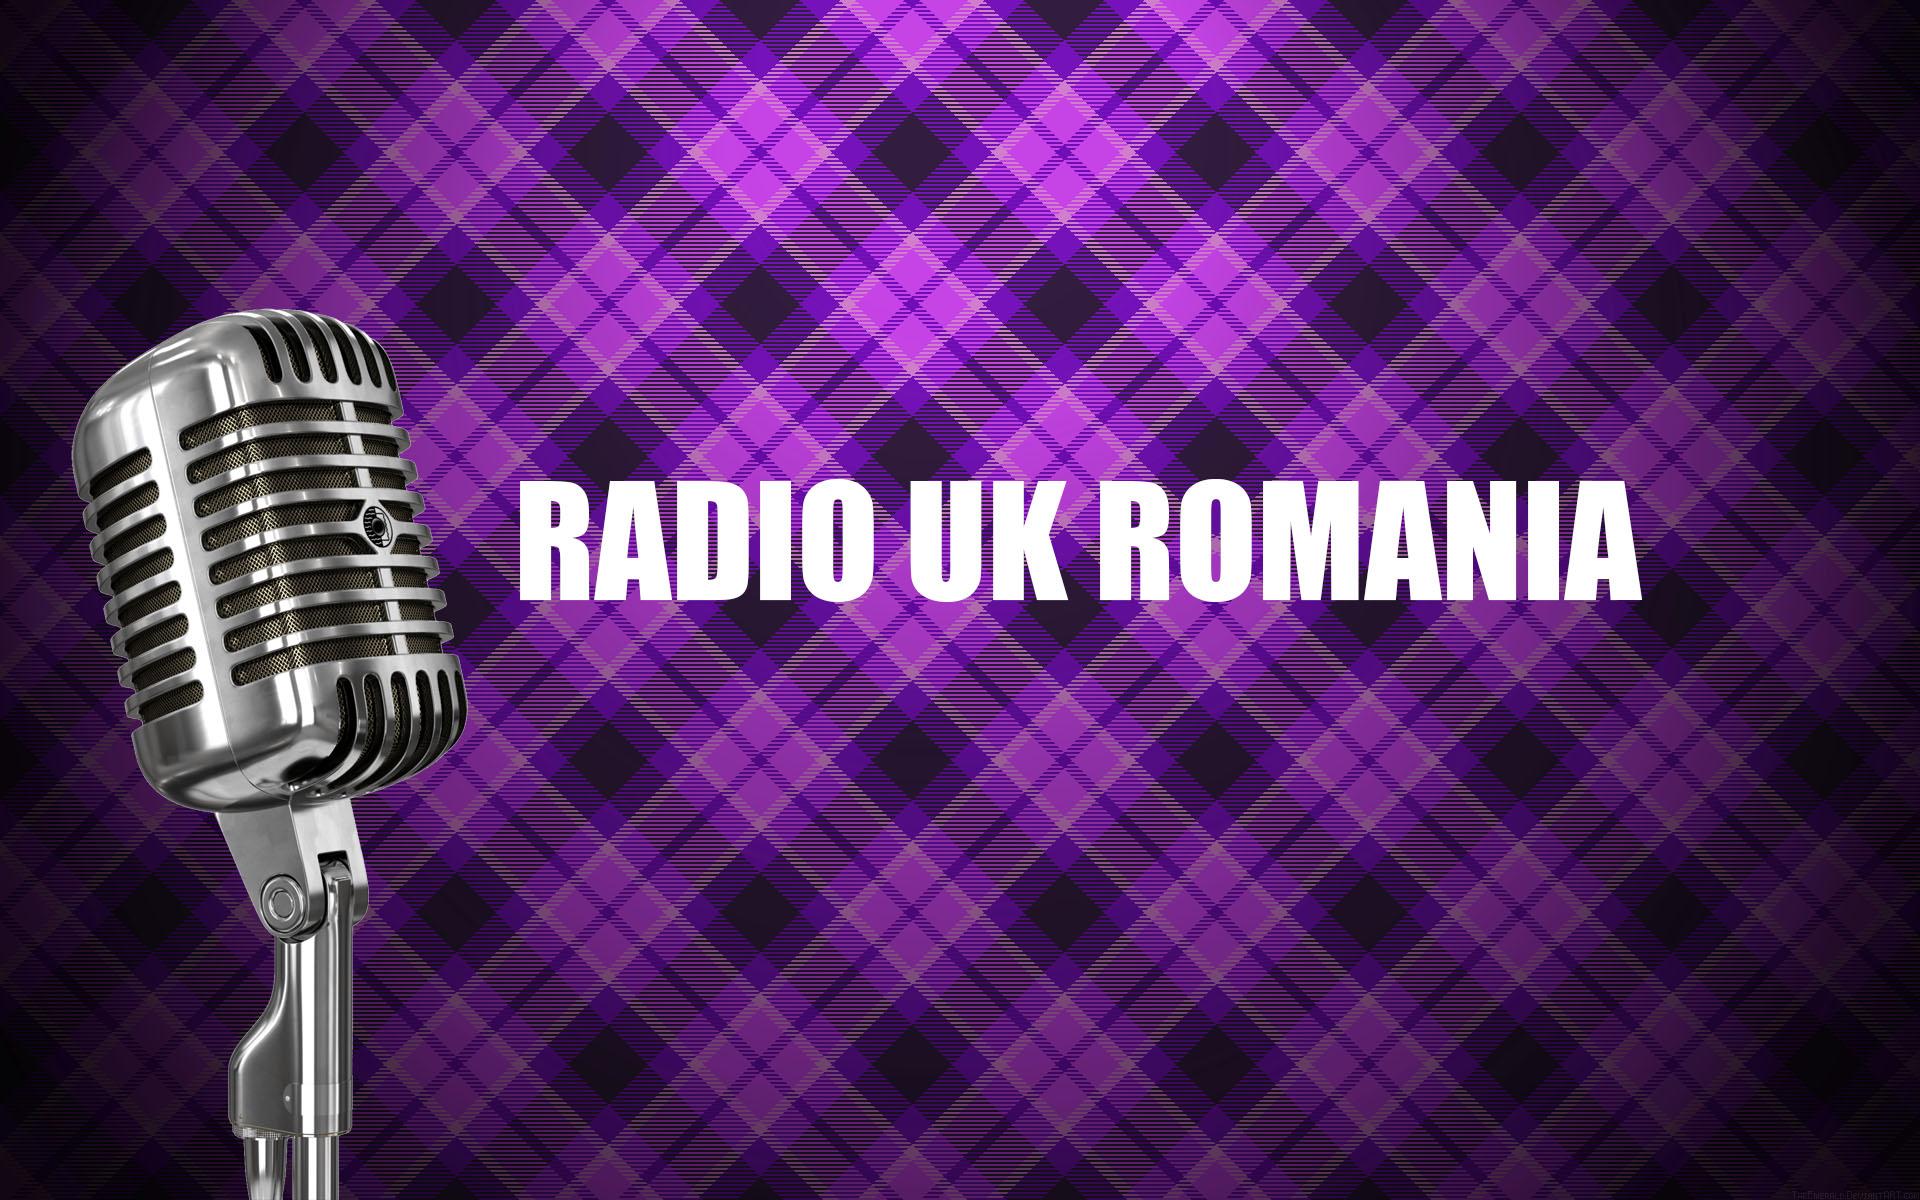 Radio UK Romania - Peterborough, Cambridgeshire PE1 4UR - 07780 297970   ShowMeLocal.com